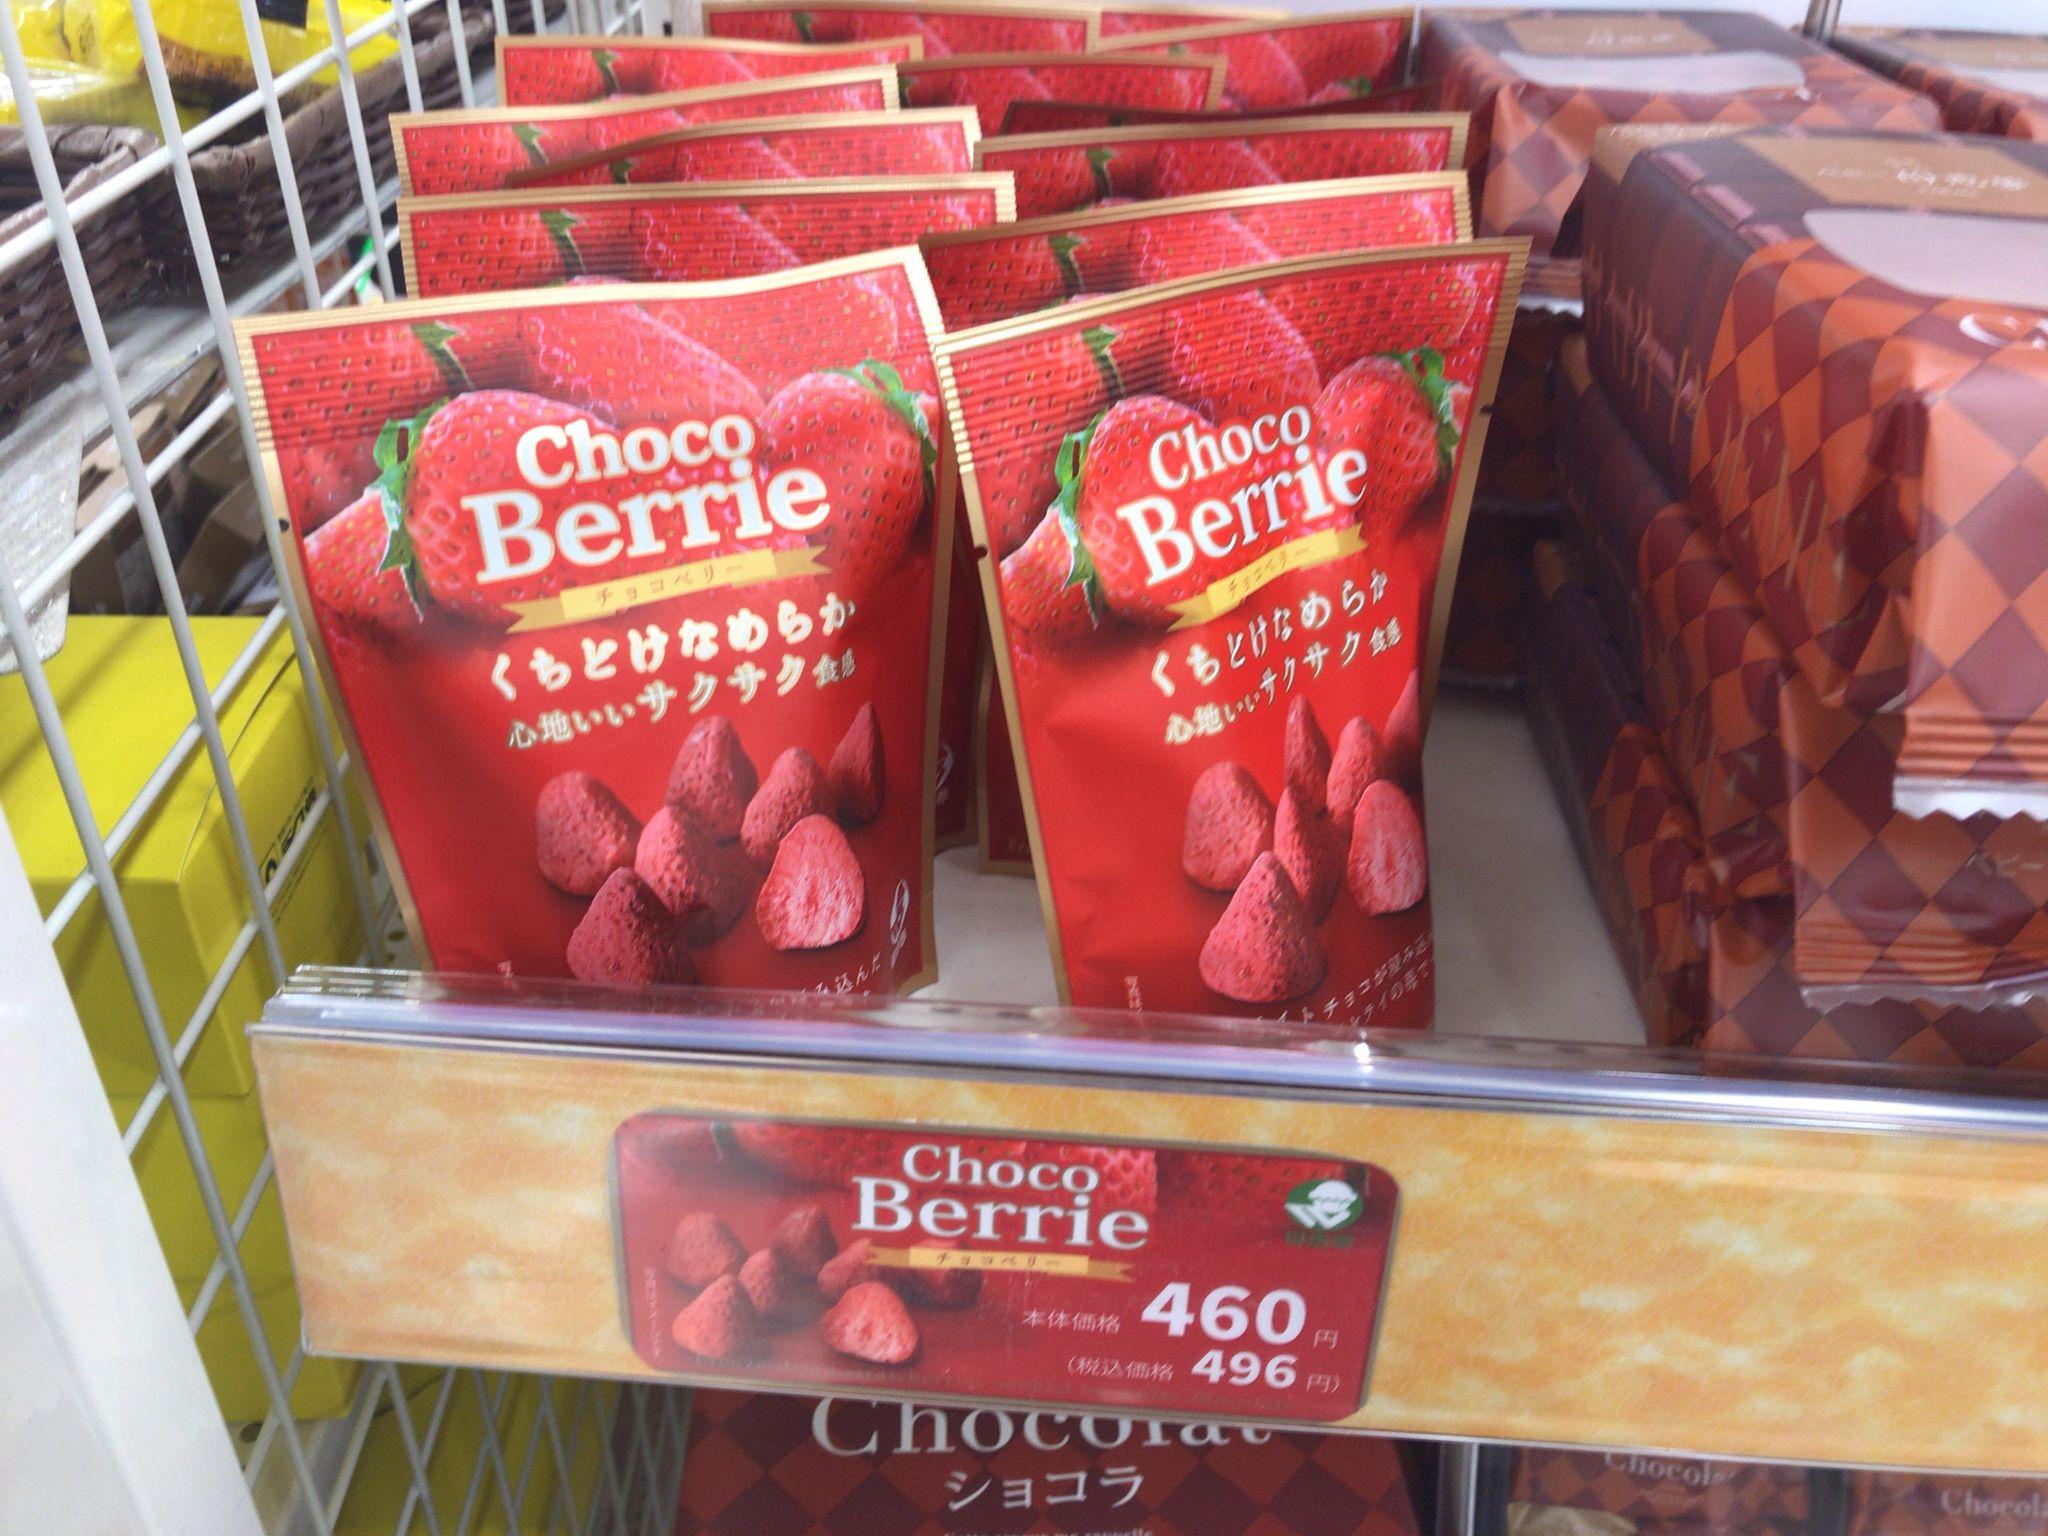 いちごをフリーズドライ!母恵夢本舗の新商品「Choco Berrie」は思わずまた買いたくなる1品だったよ!